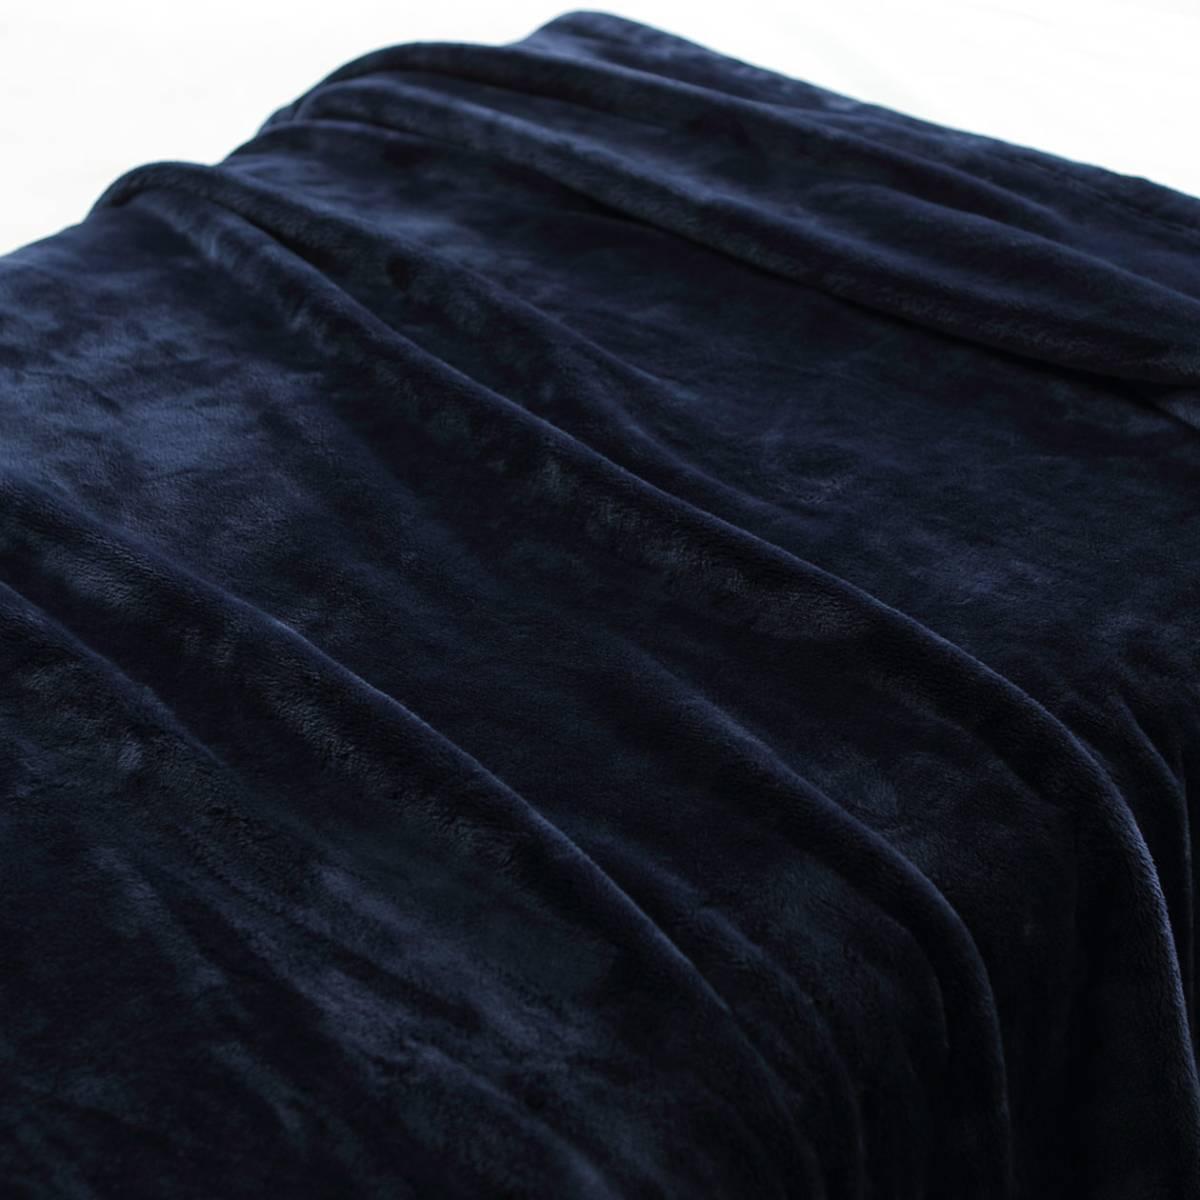 無印のあたたかファイバー厚手毛布を買ったんだが、過去最高になめらかでこの生地で半纏作りたいと思ってしまう。写真じゃ伝わらないけどほんとにこの生地 ...